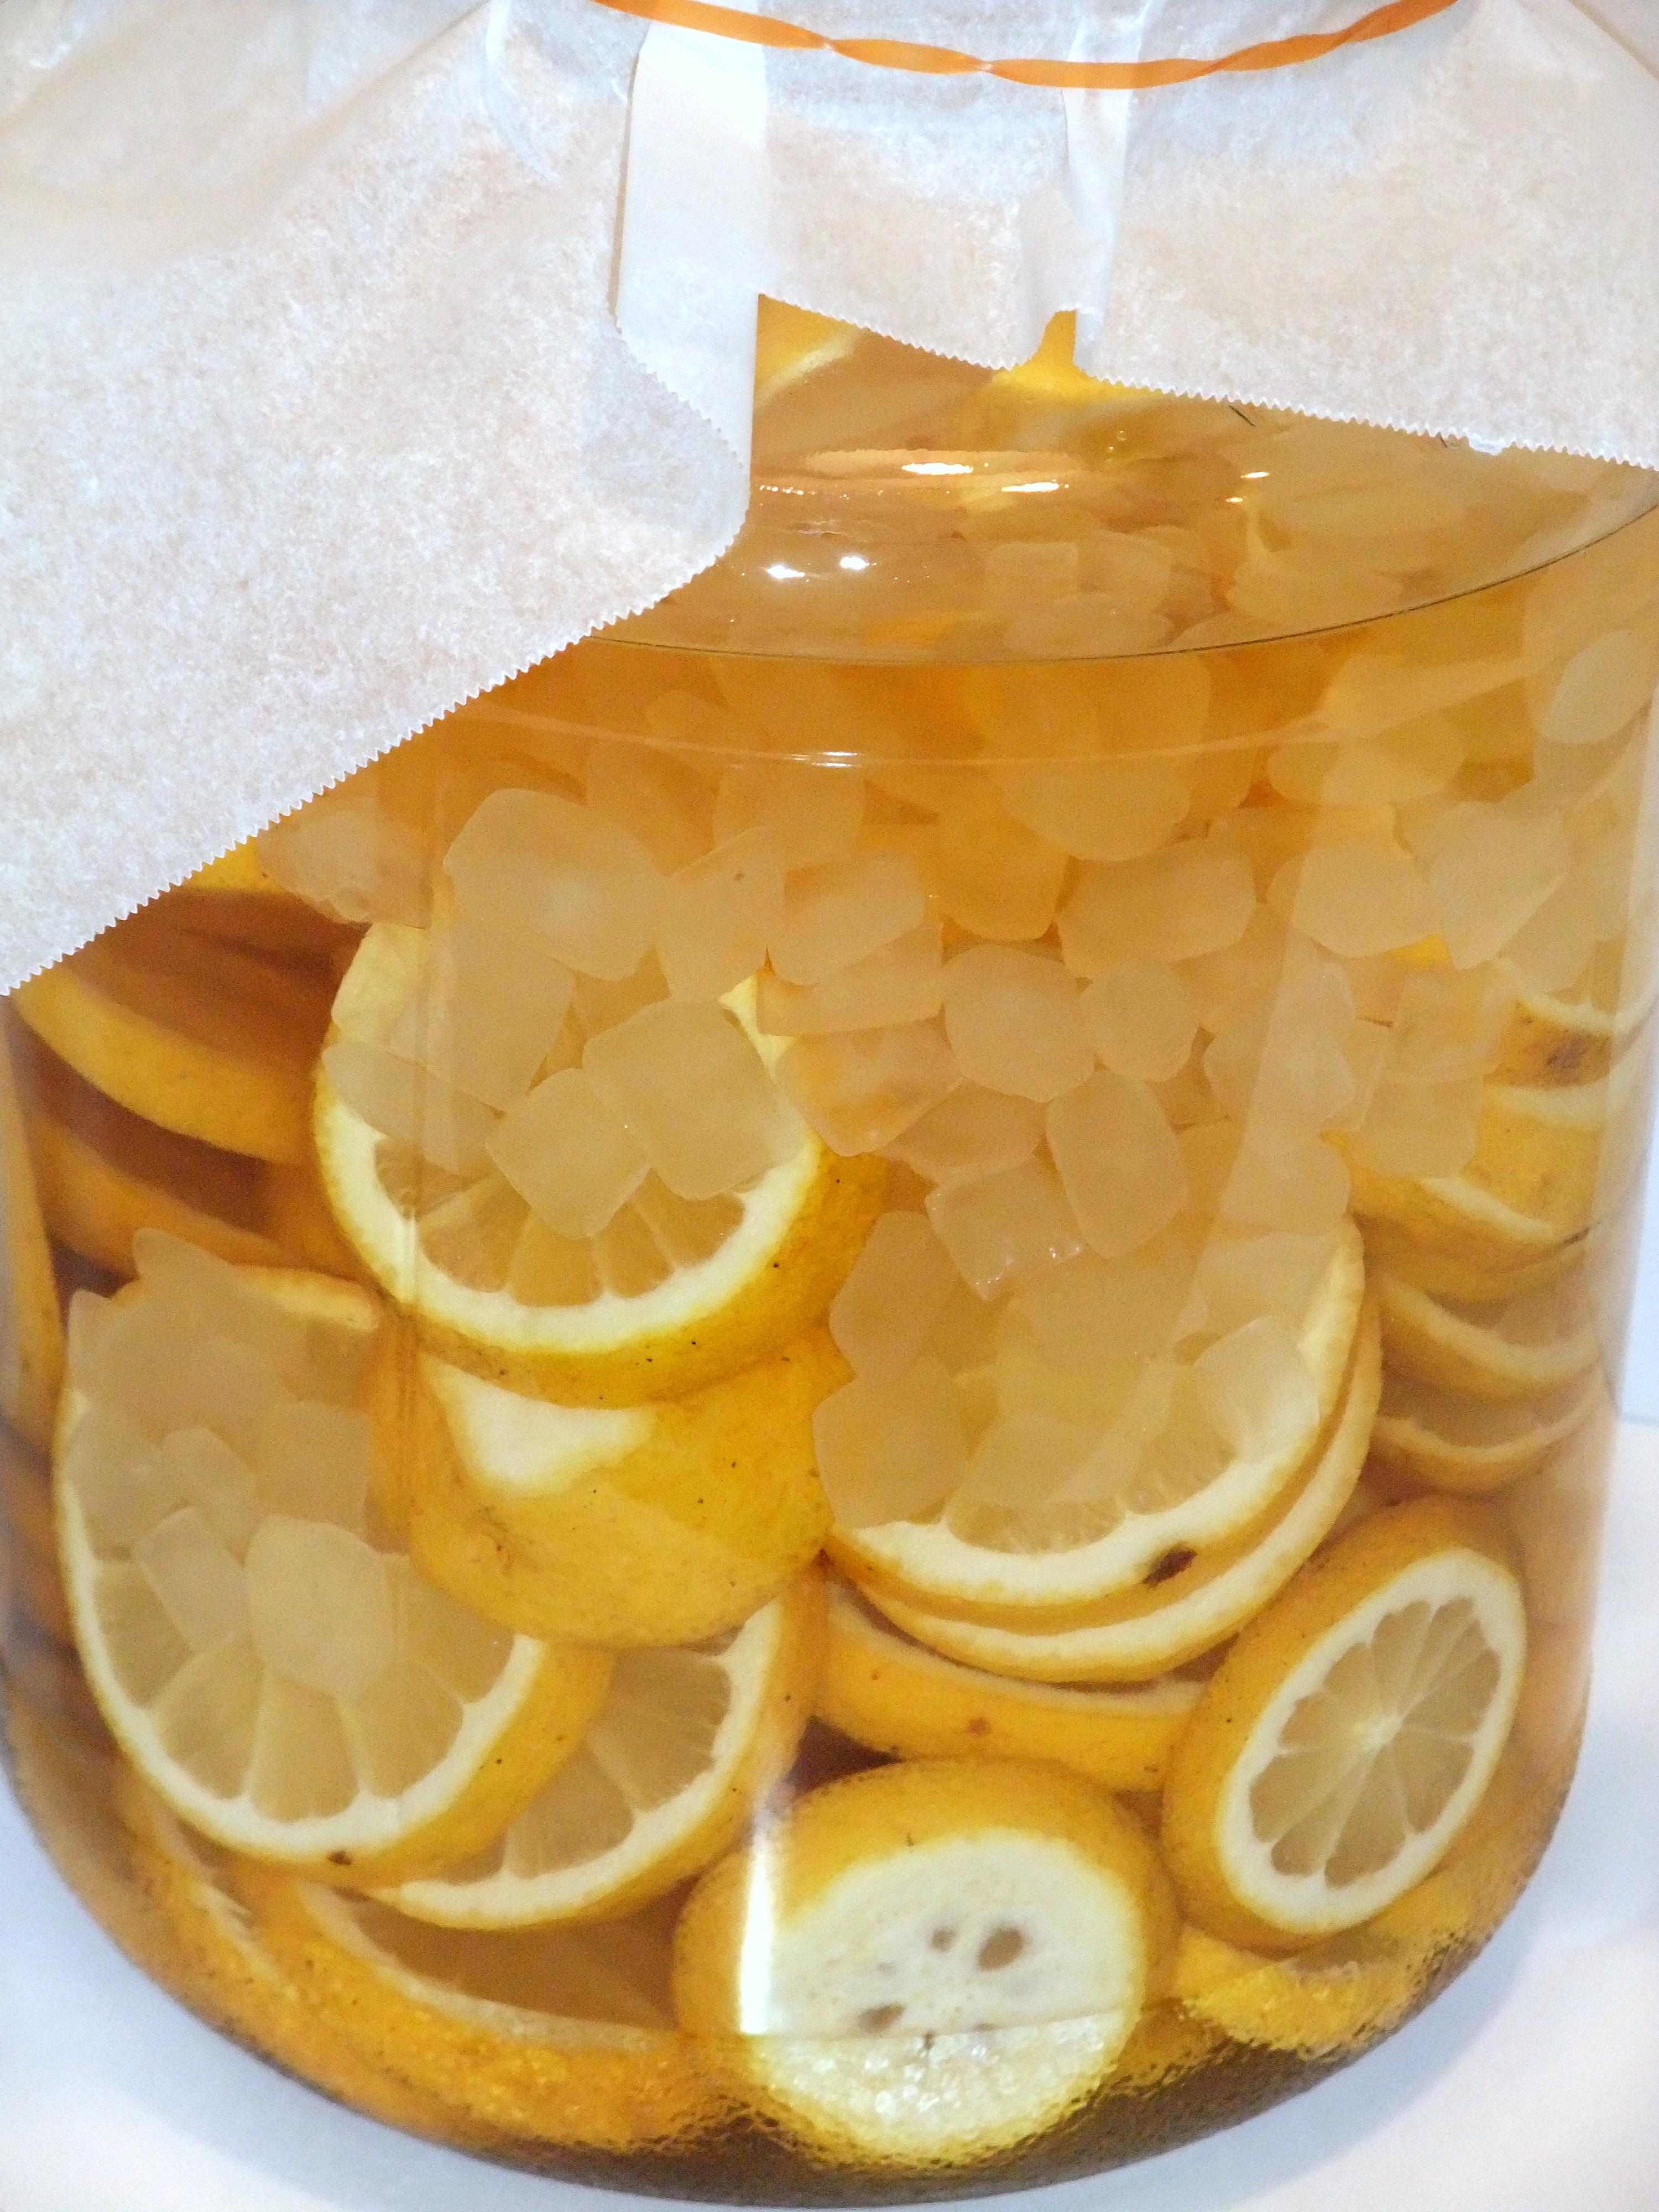 lemon drink1.jpg